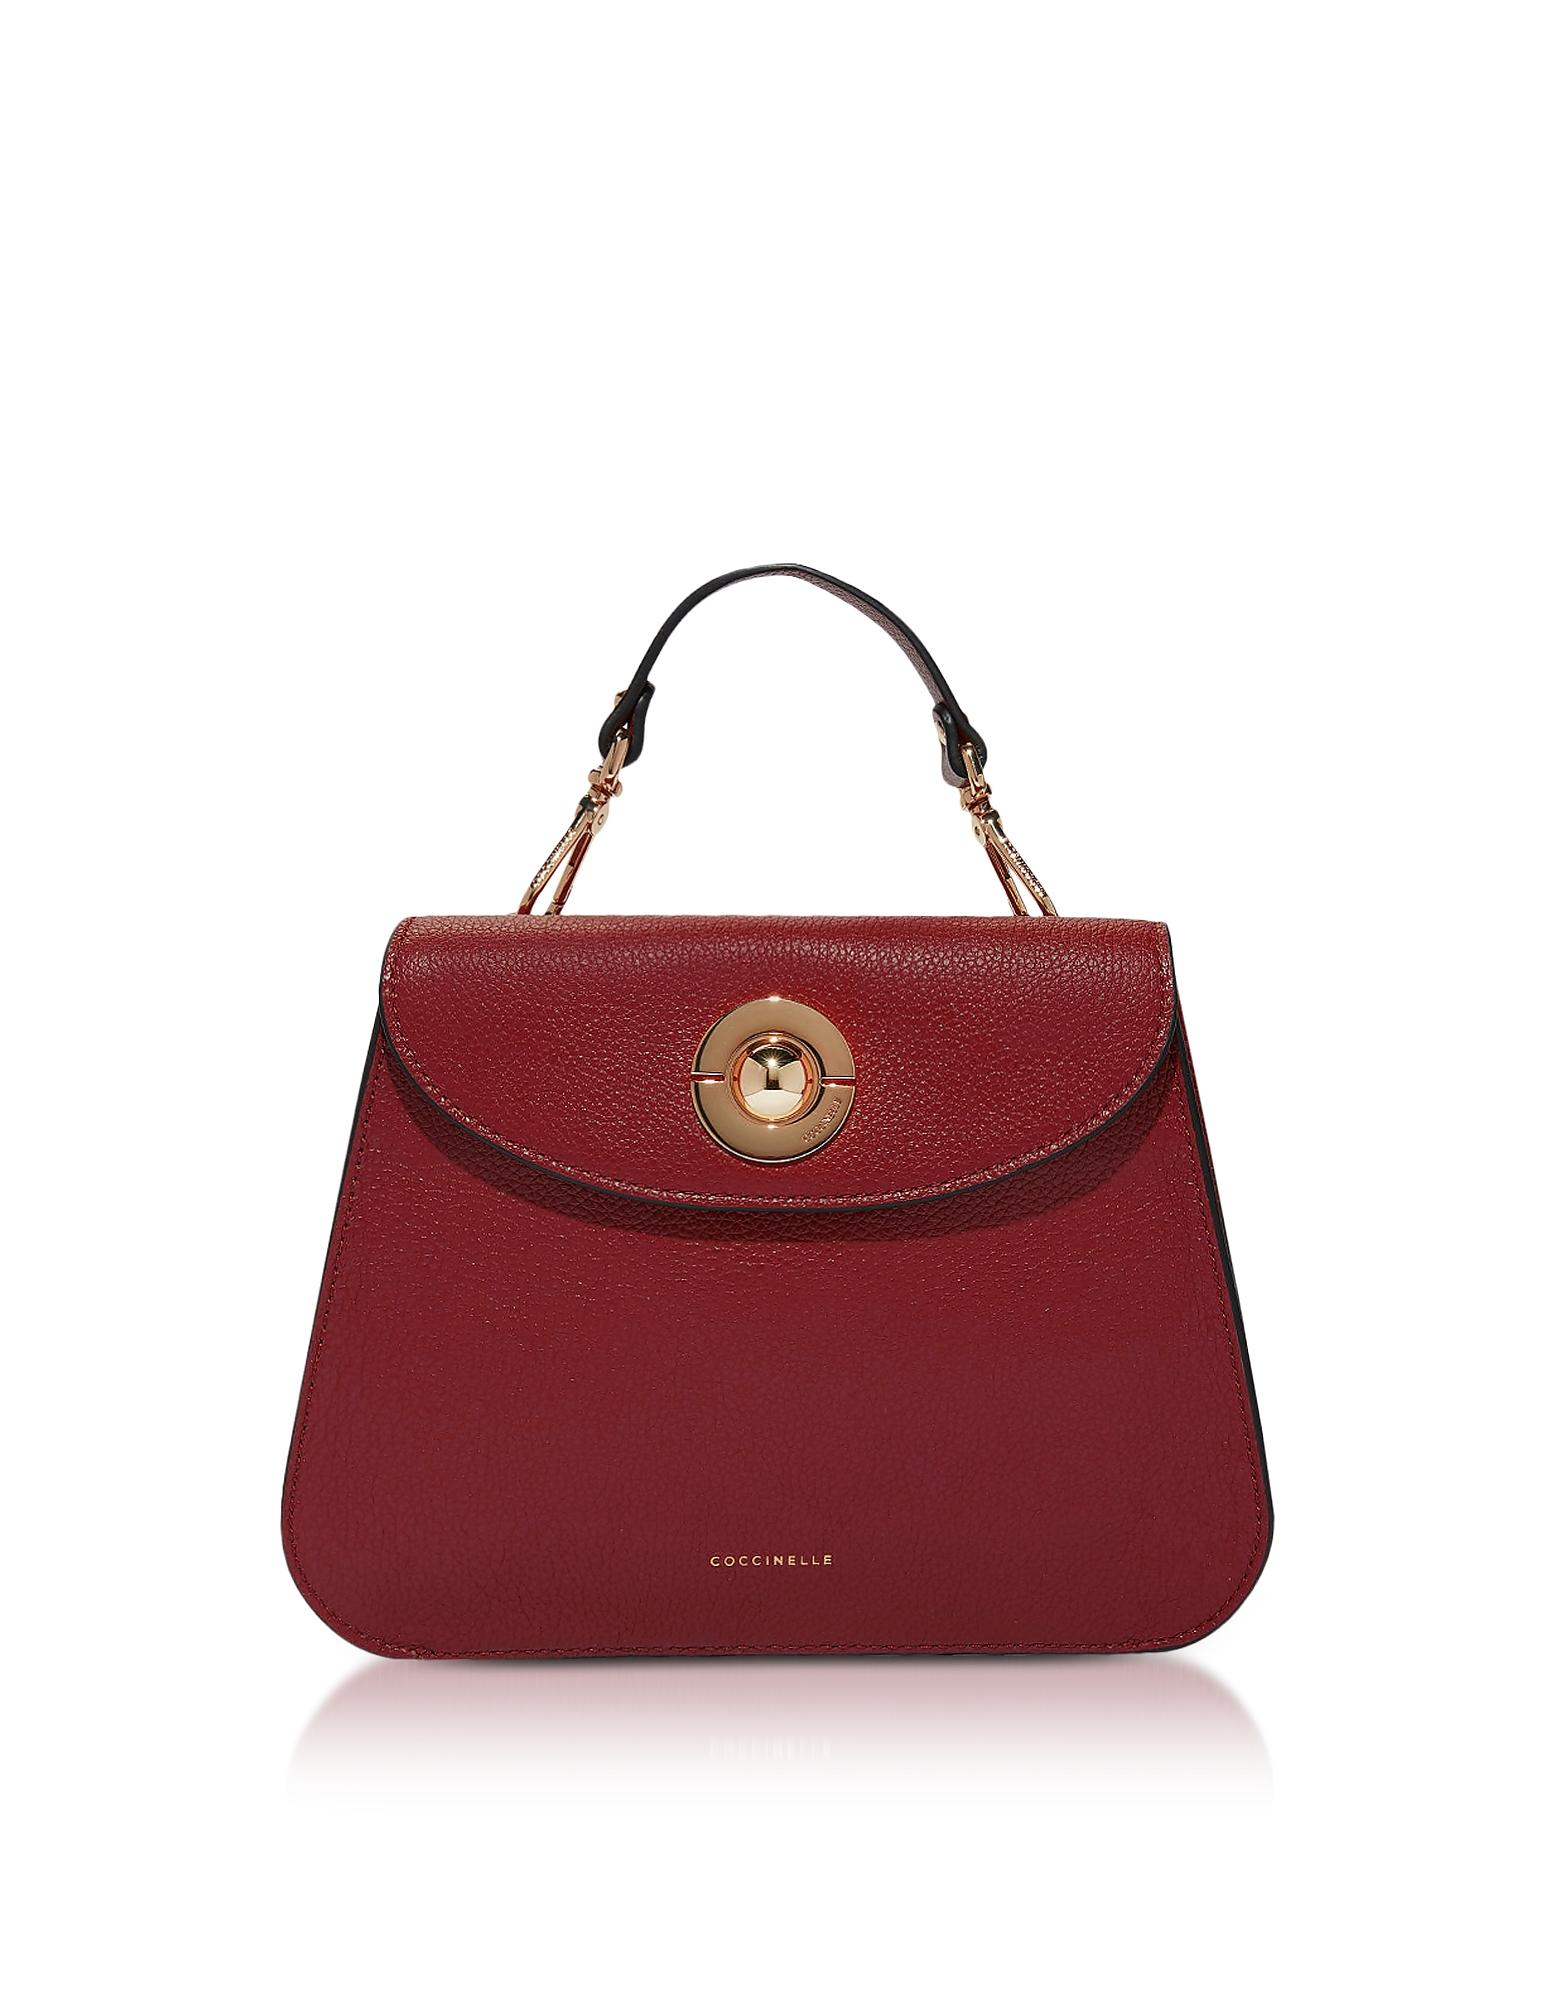 Coccinelle Handbags, Jalouse Grape Leather Flat Shoulder Bag